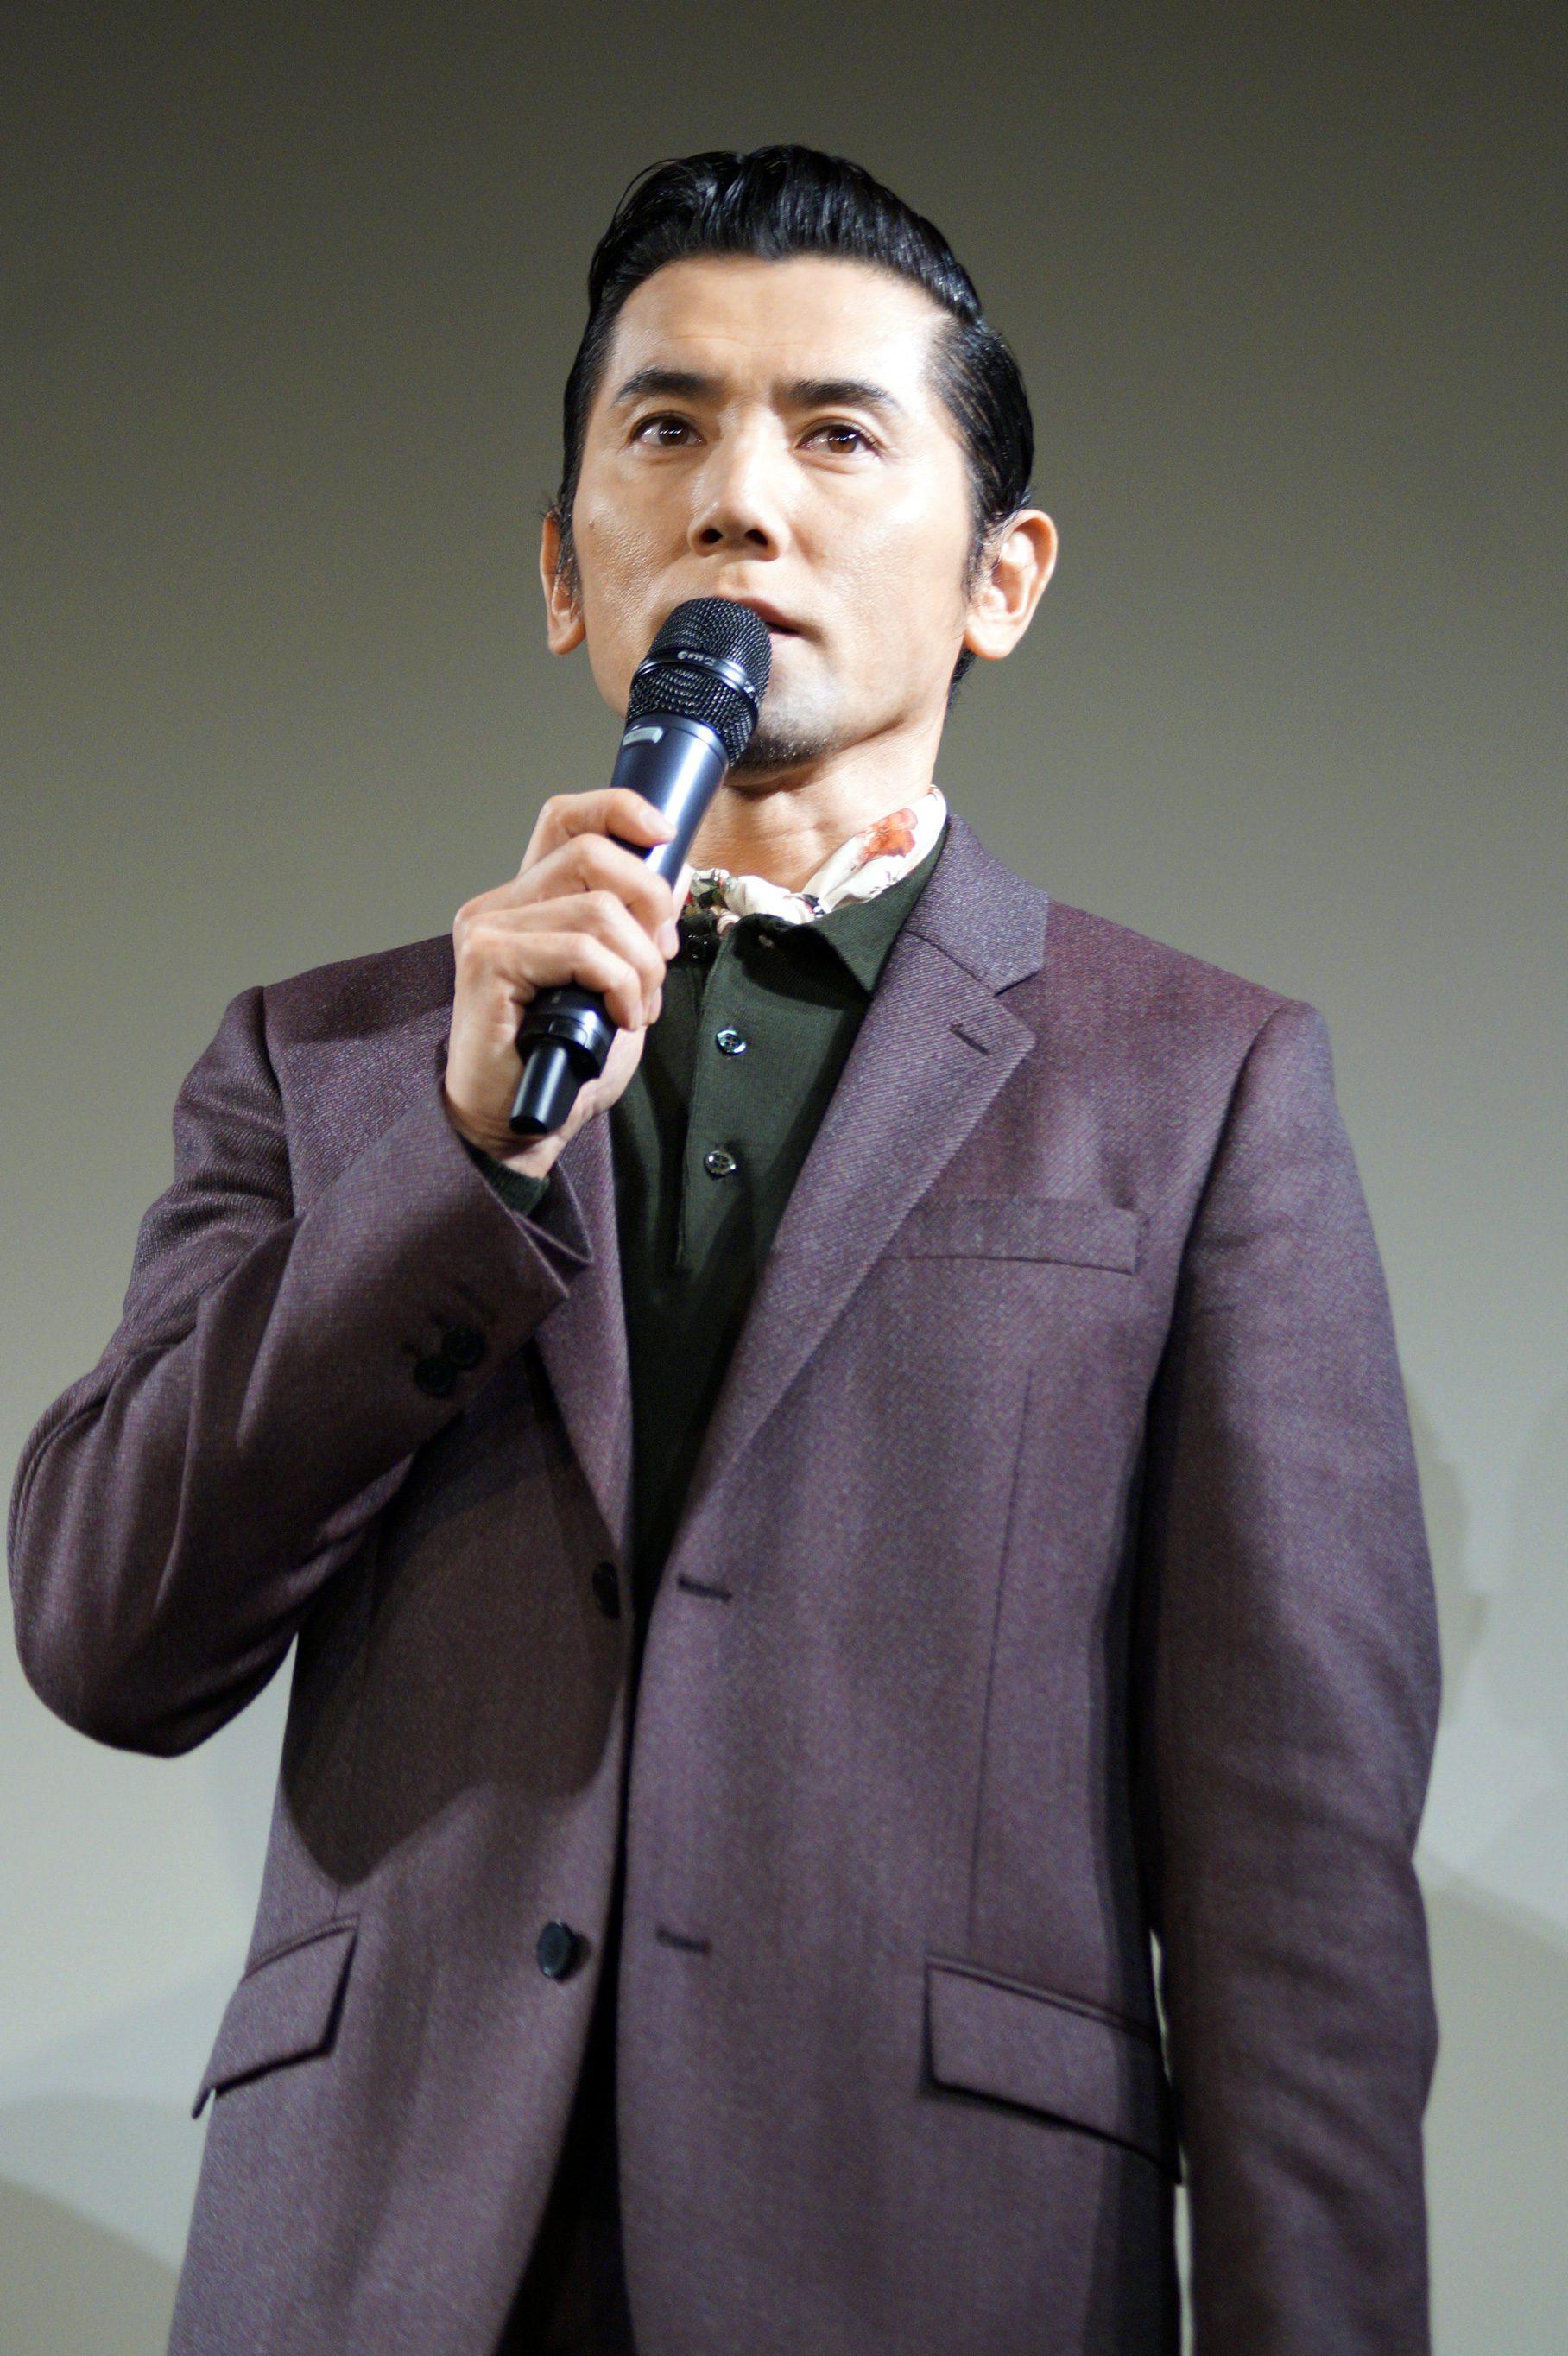 本木雅弘の画像 p1_31